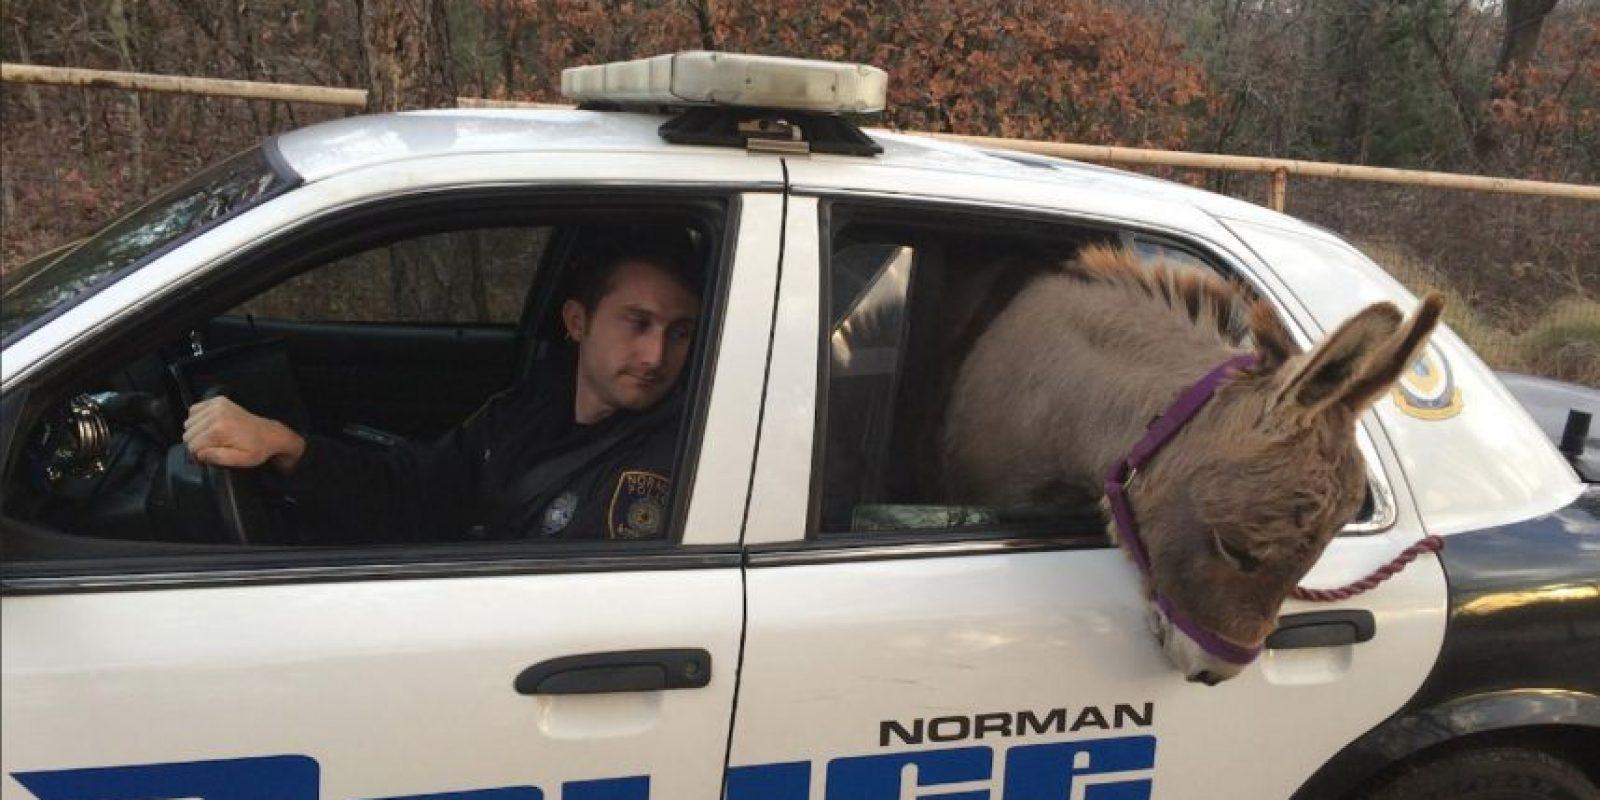 El animal se había escapado y andaba rondando en las calles de Norman, Oklahoma Foto:Vía facebook.com/City-of-Norman-OK-Police-Department